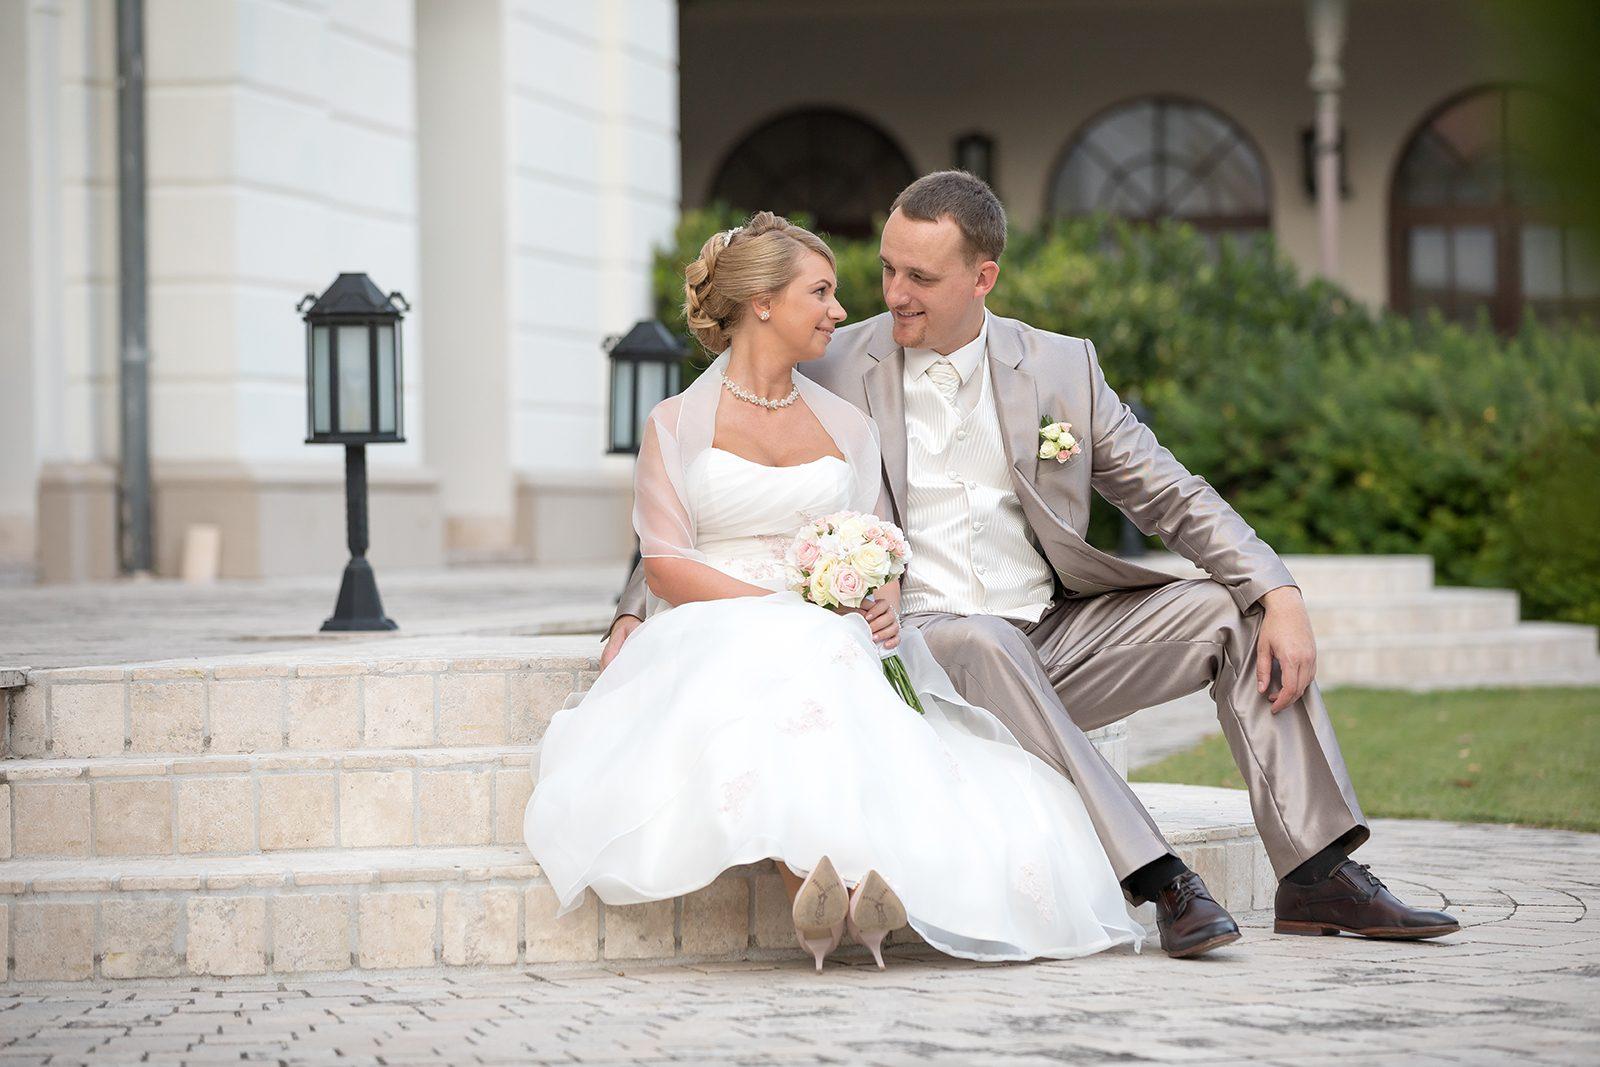 esküvő fotózás-Veszprém-Balaton környéke